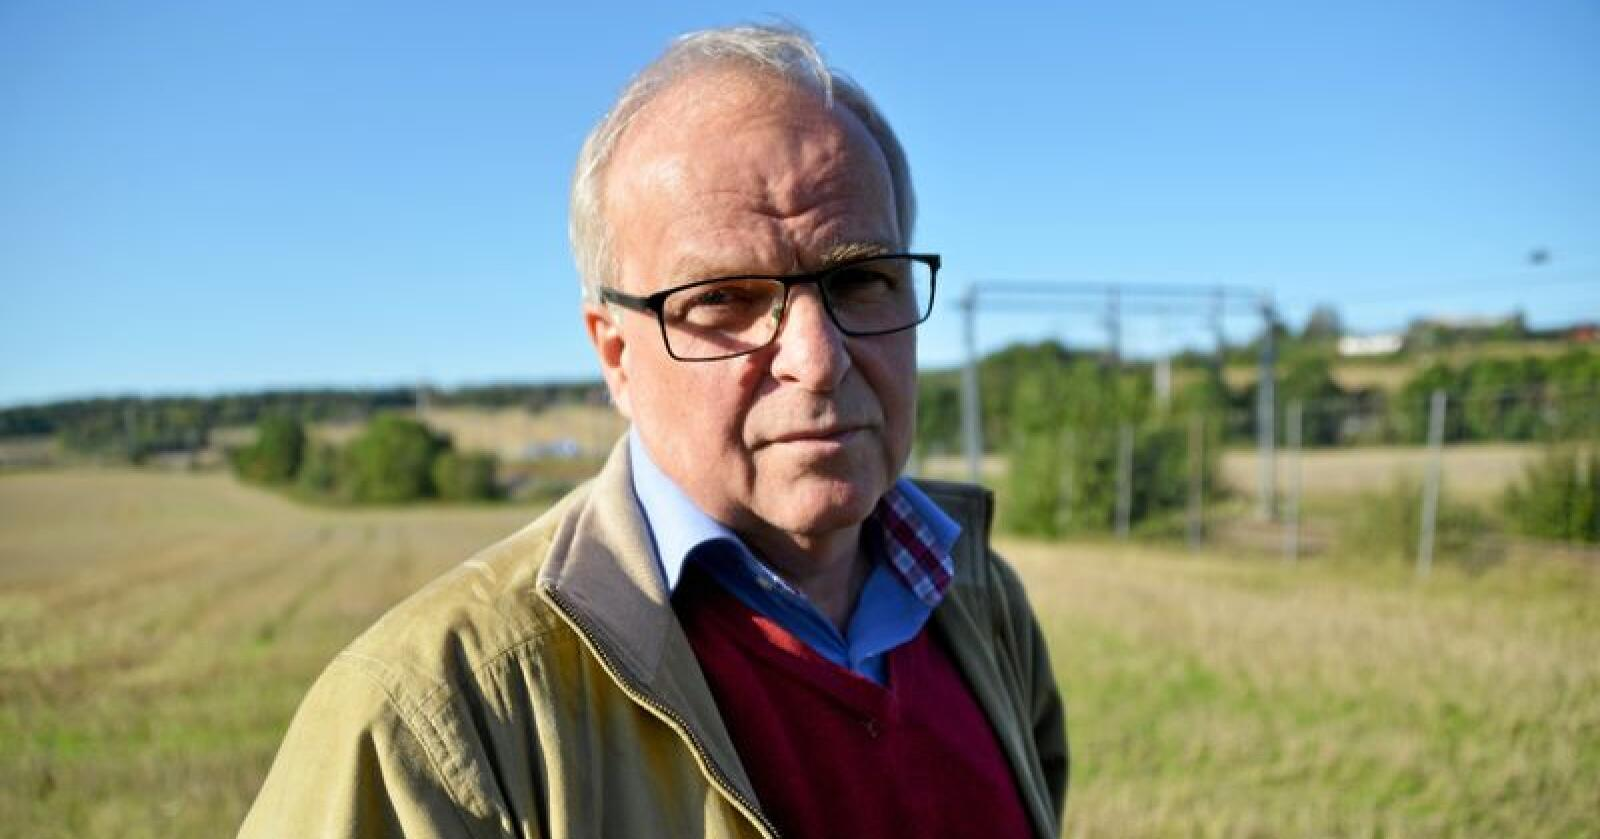 Øyvind Kjølberg, leder i Jordvern Oslo og Akershus, kjemper imot utbygging på Delijordet. Foto: Tone C. S. Thorgrimsen